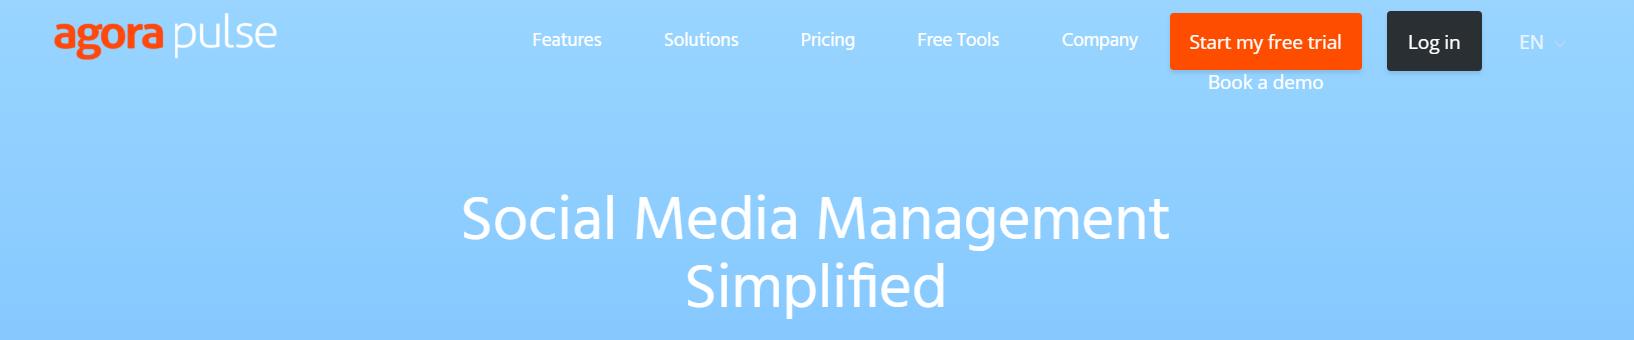 Social media monitoring tools: Agorapulse